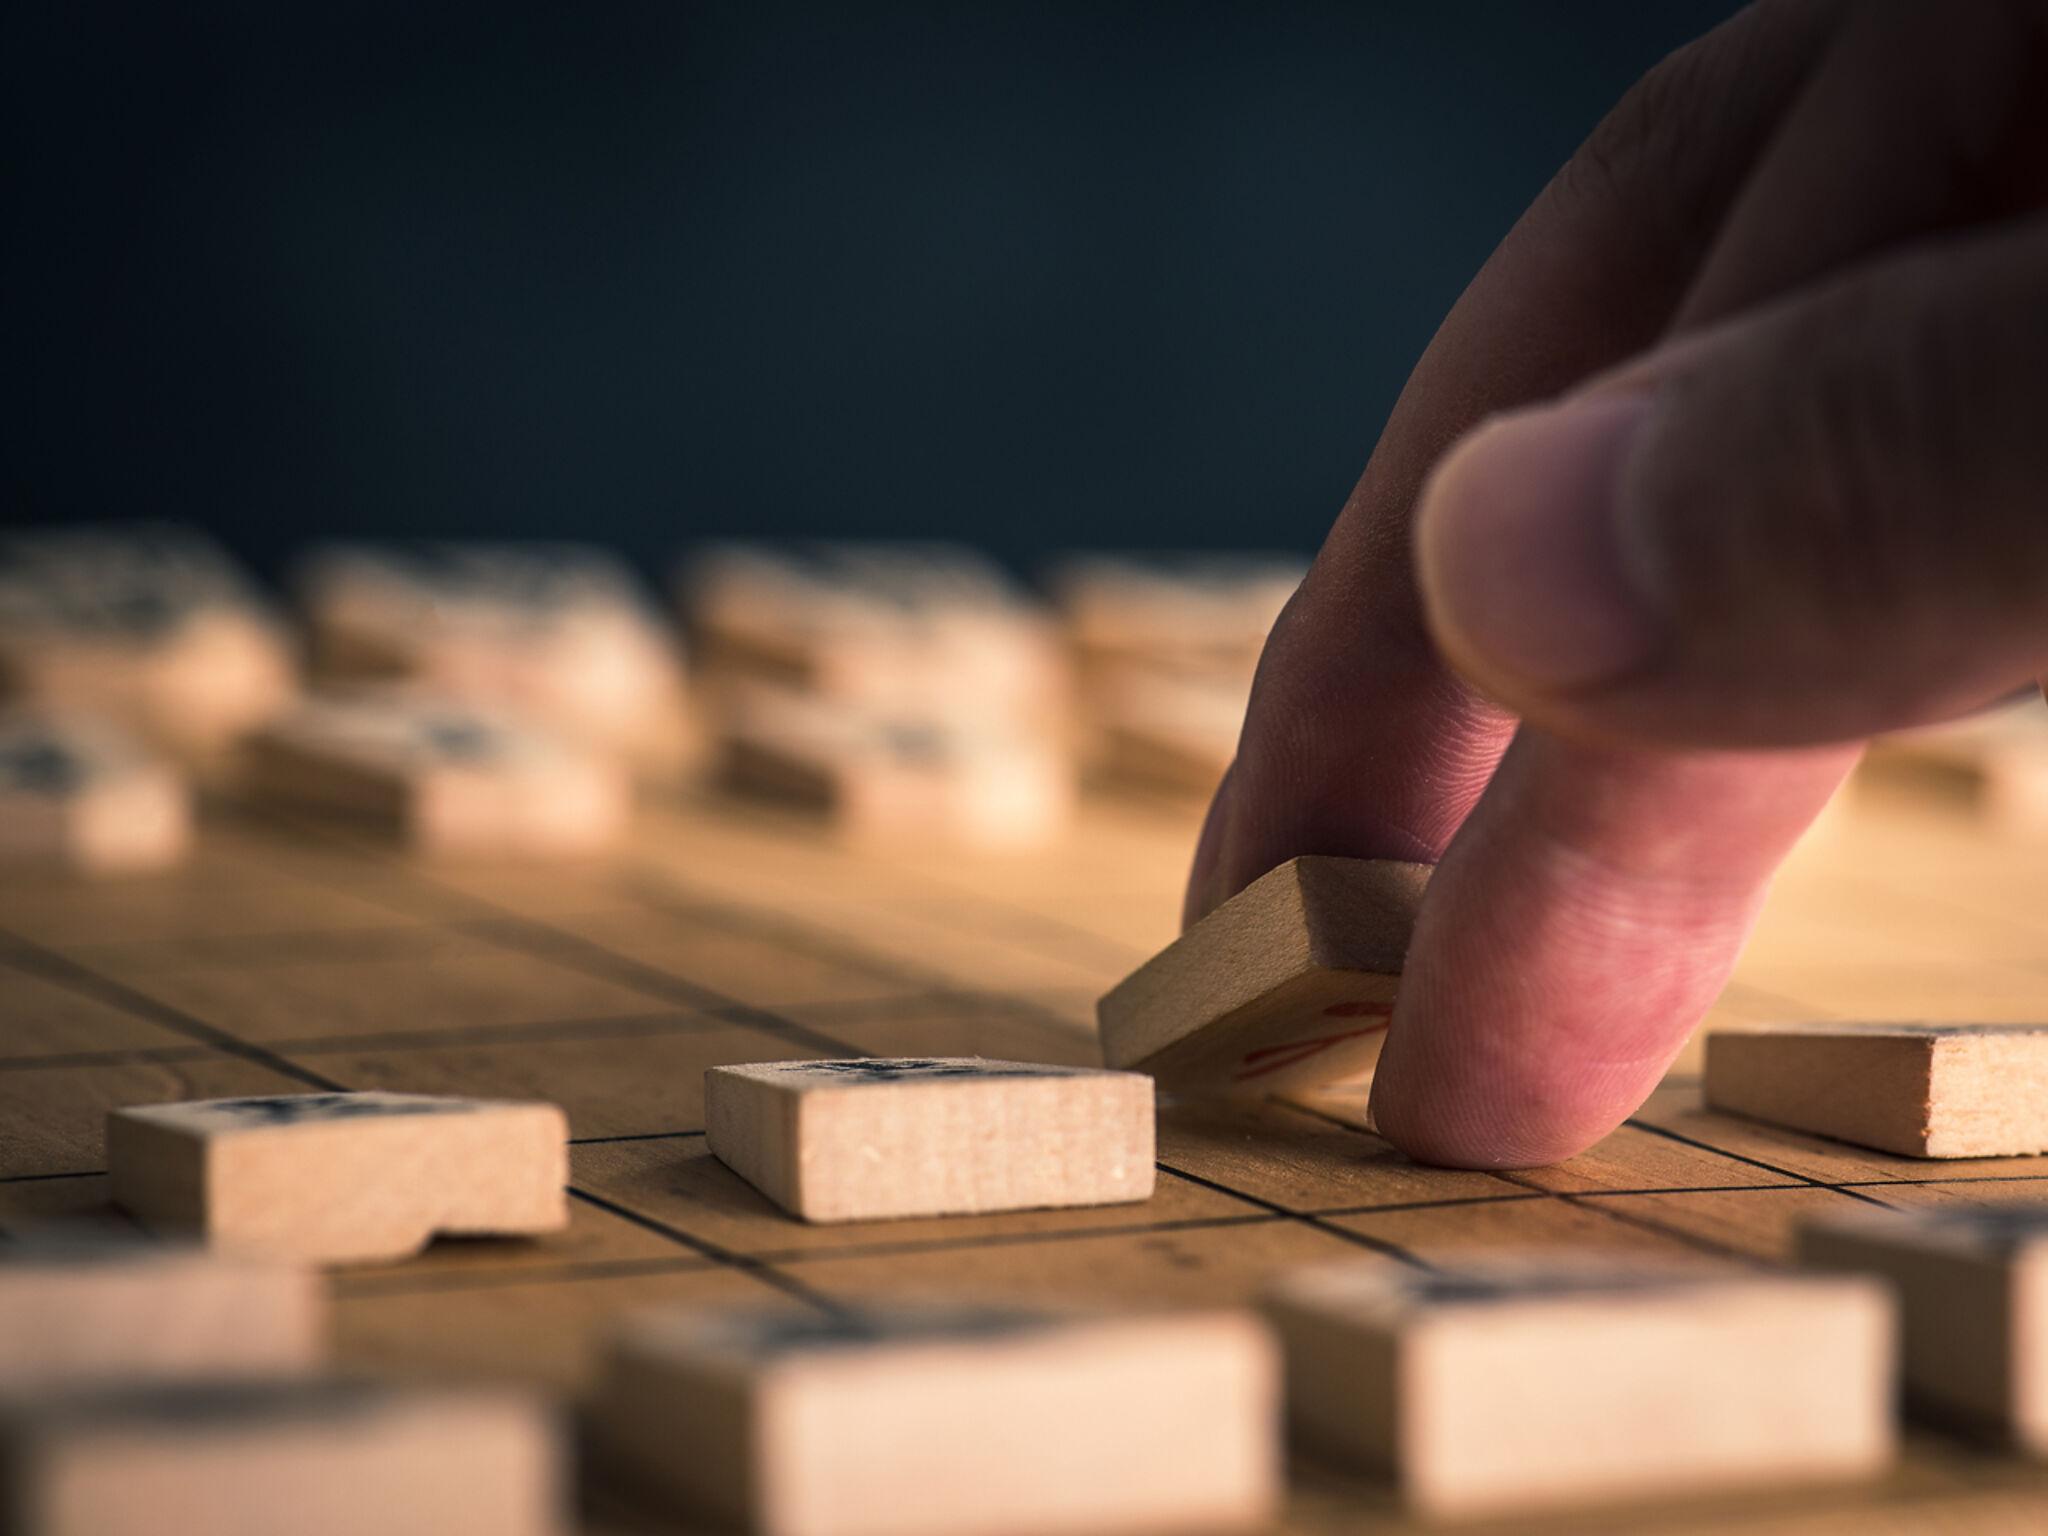 将棋をさしている指のアップの画像